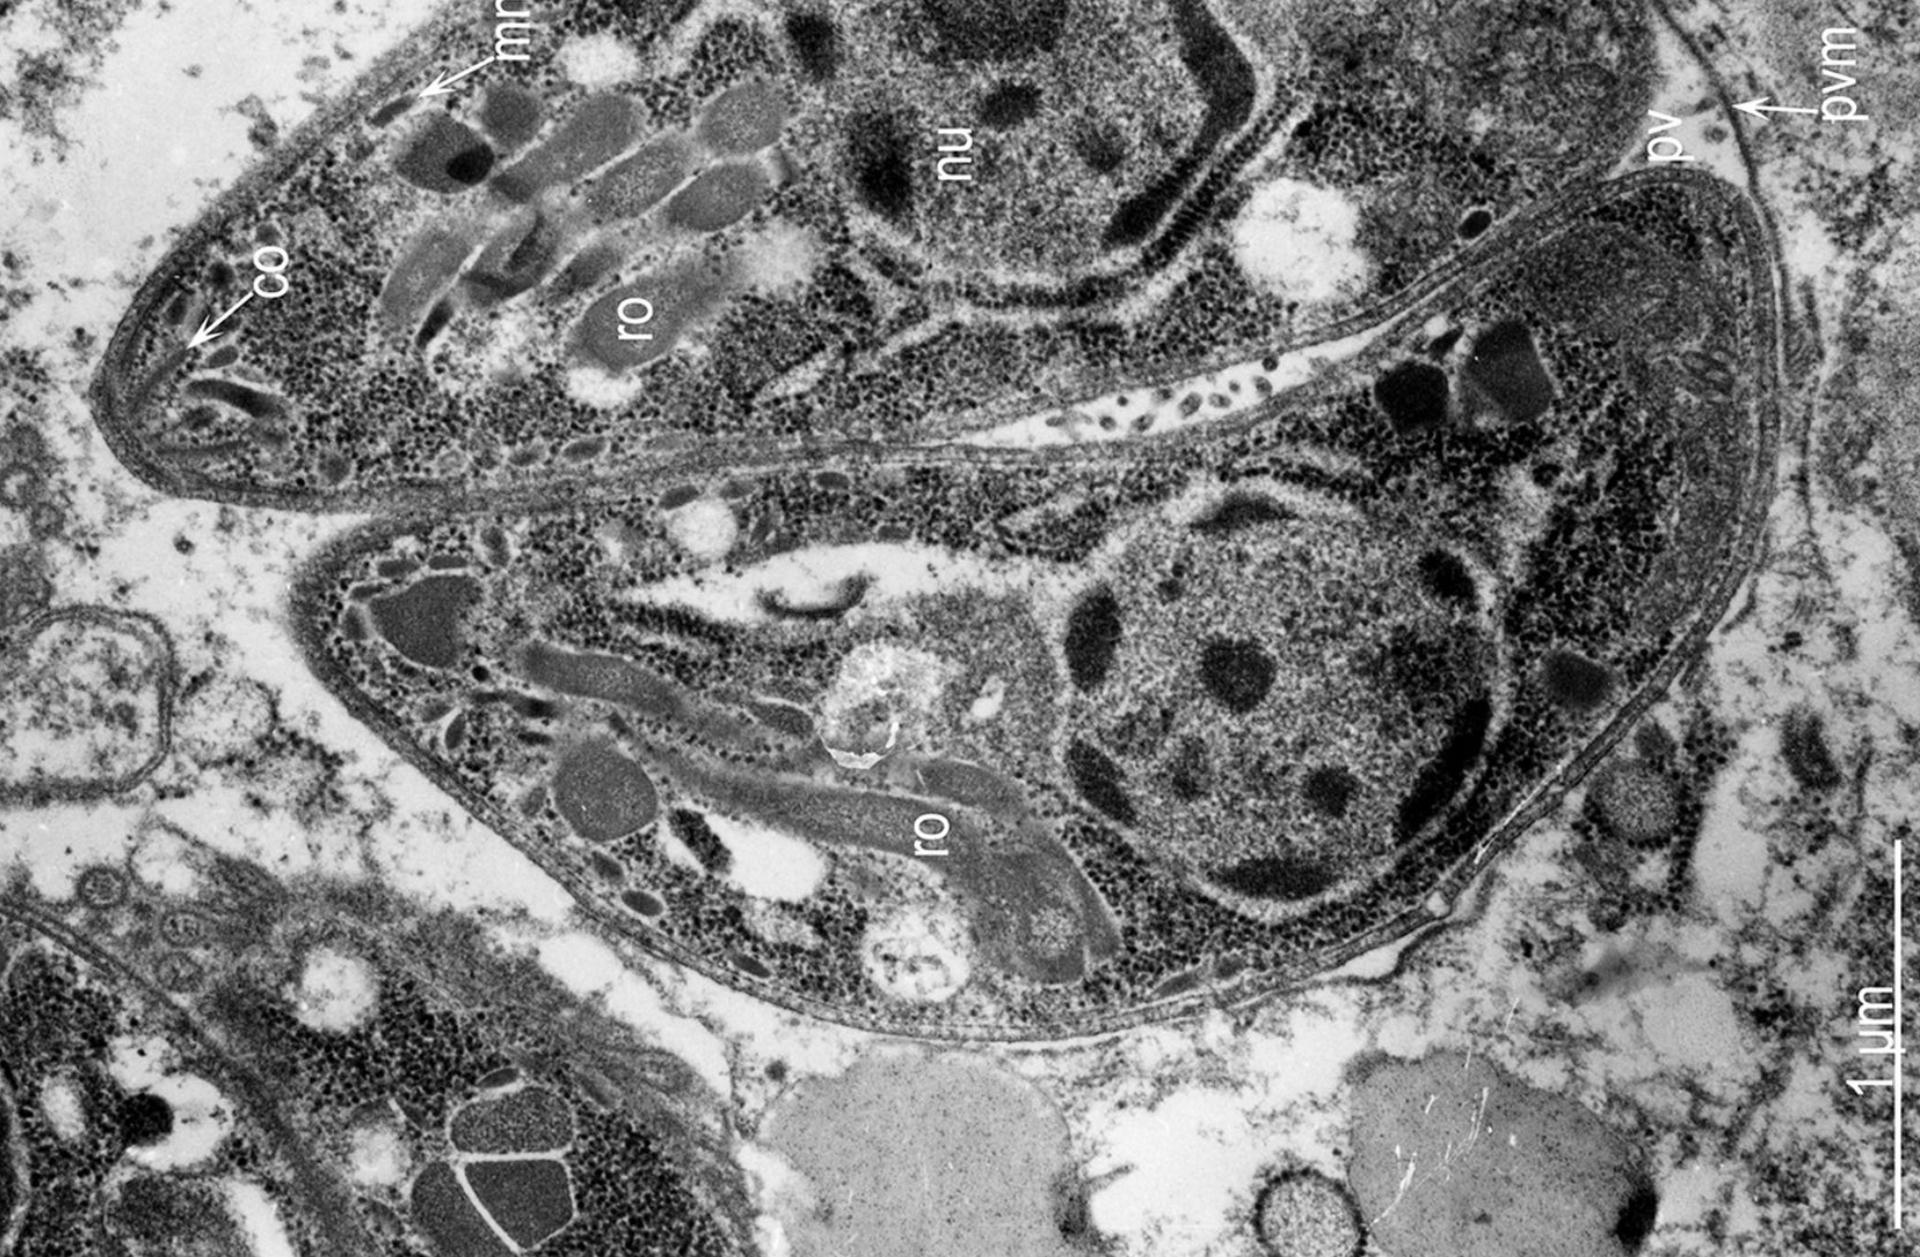 kötelező parazitvírus